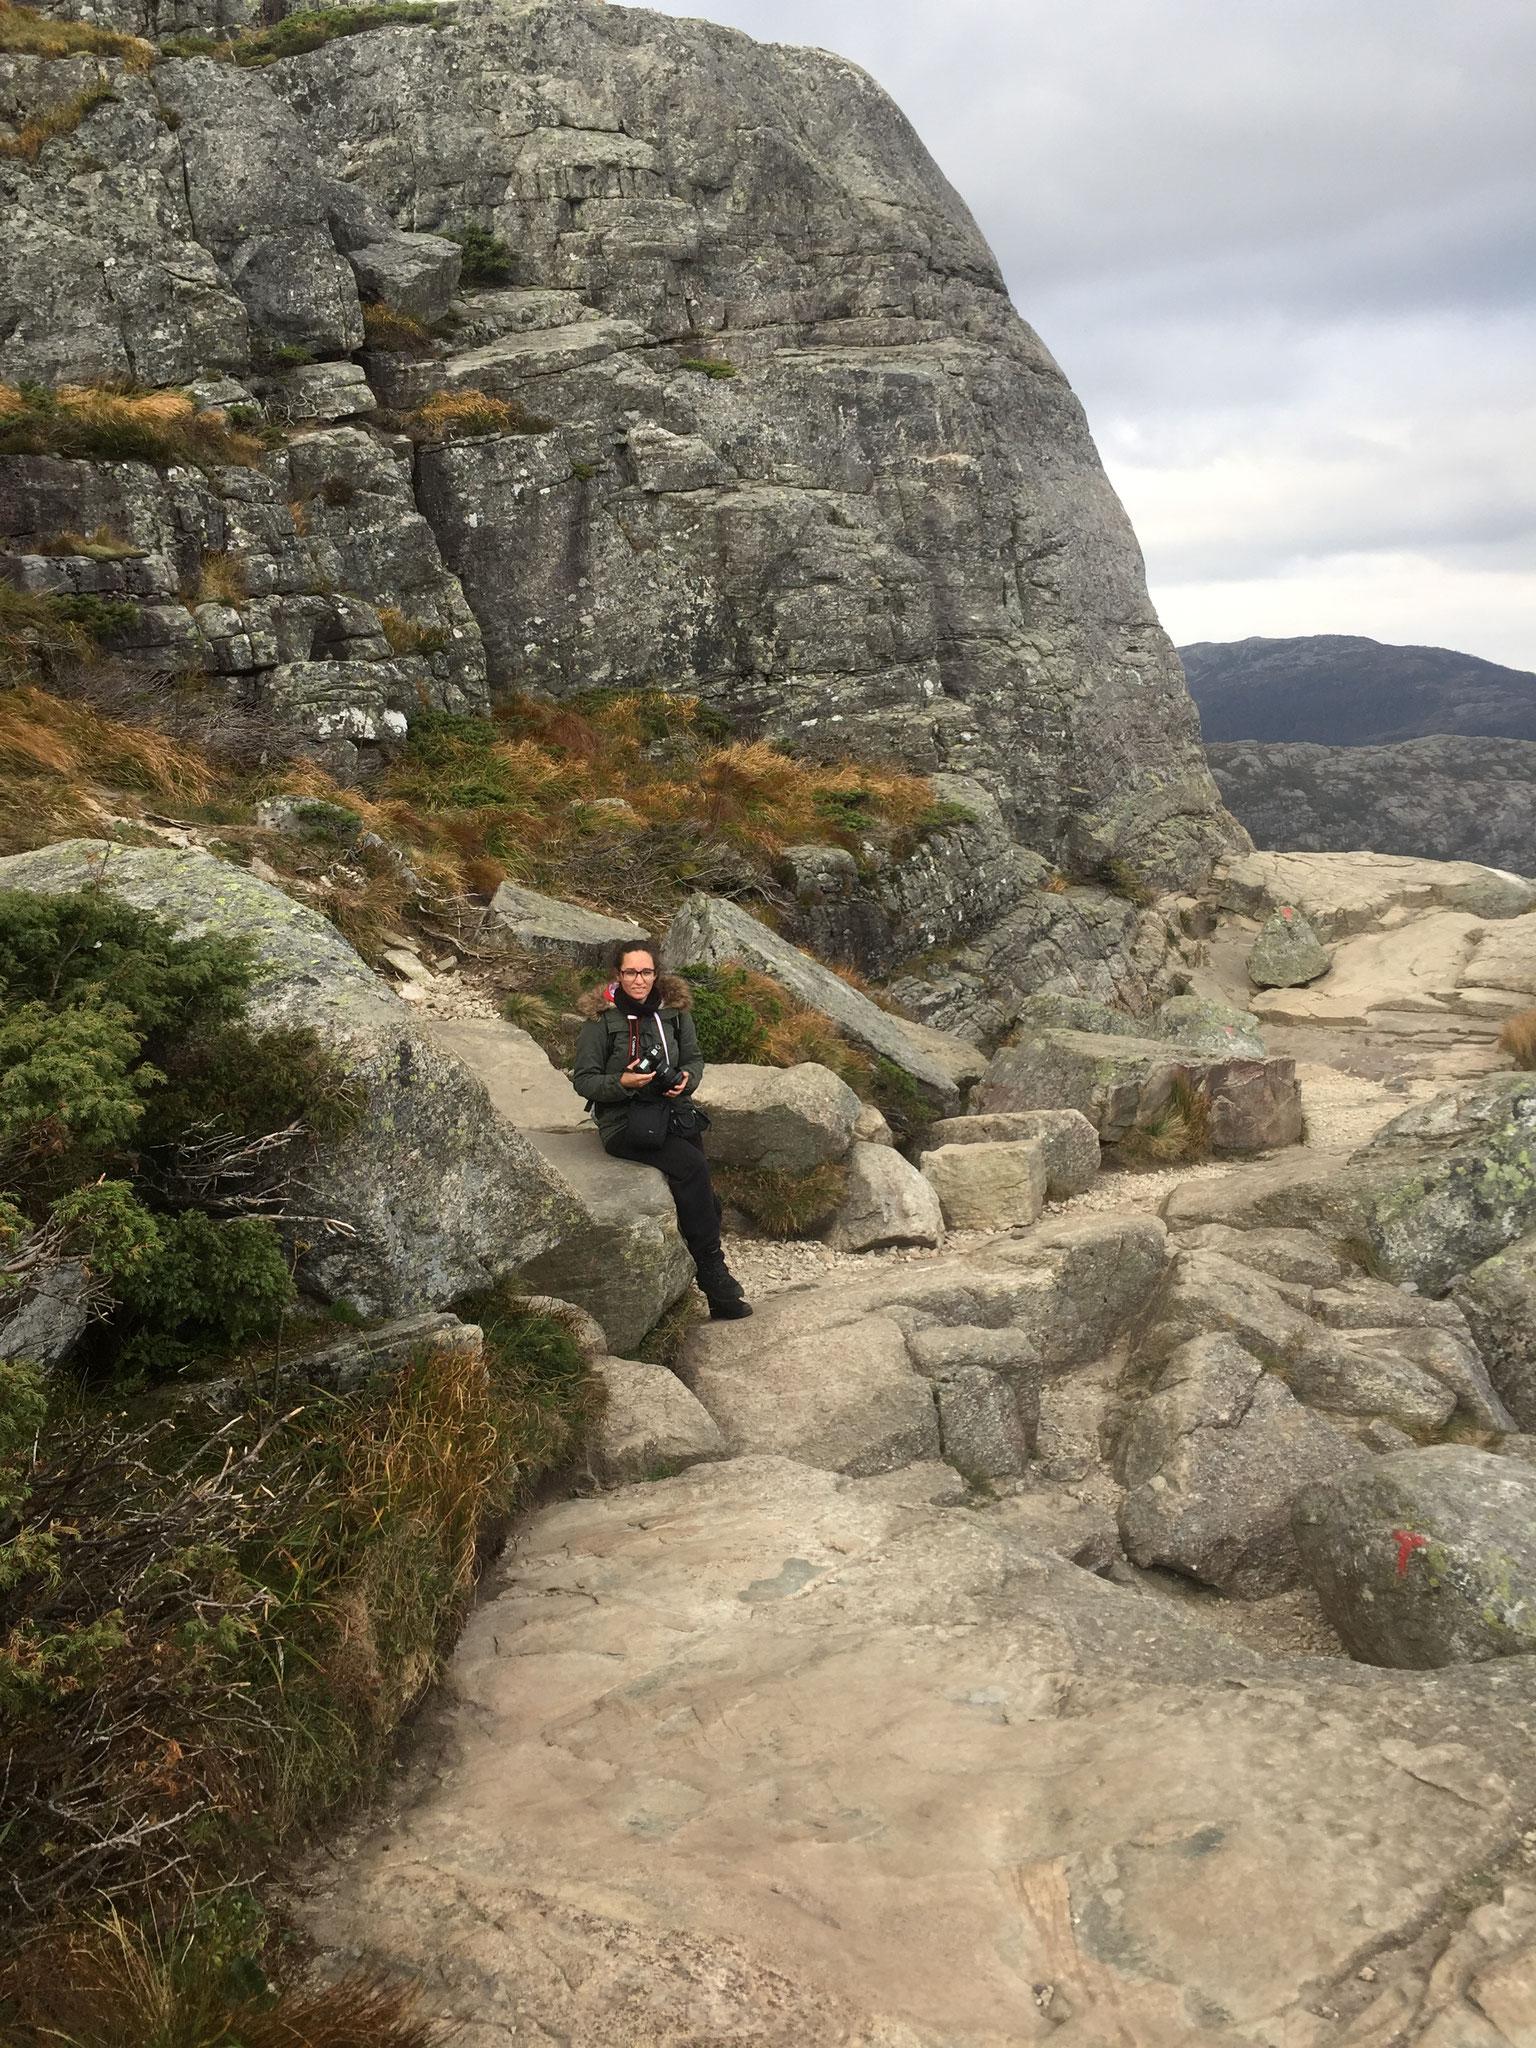 Preikestolen_Wanderung_Norwegen_Reisebericht_Roadtrip_Die Roadies_Hund 2